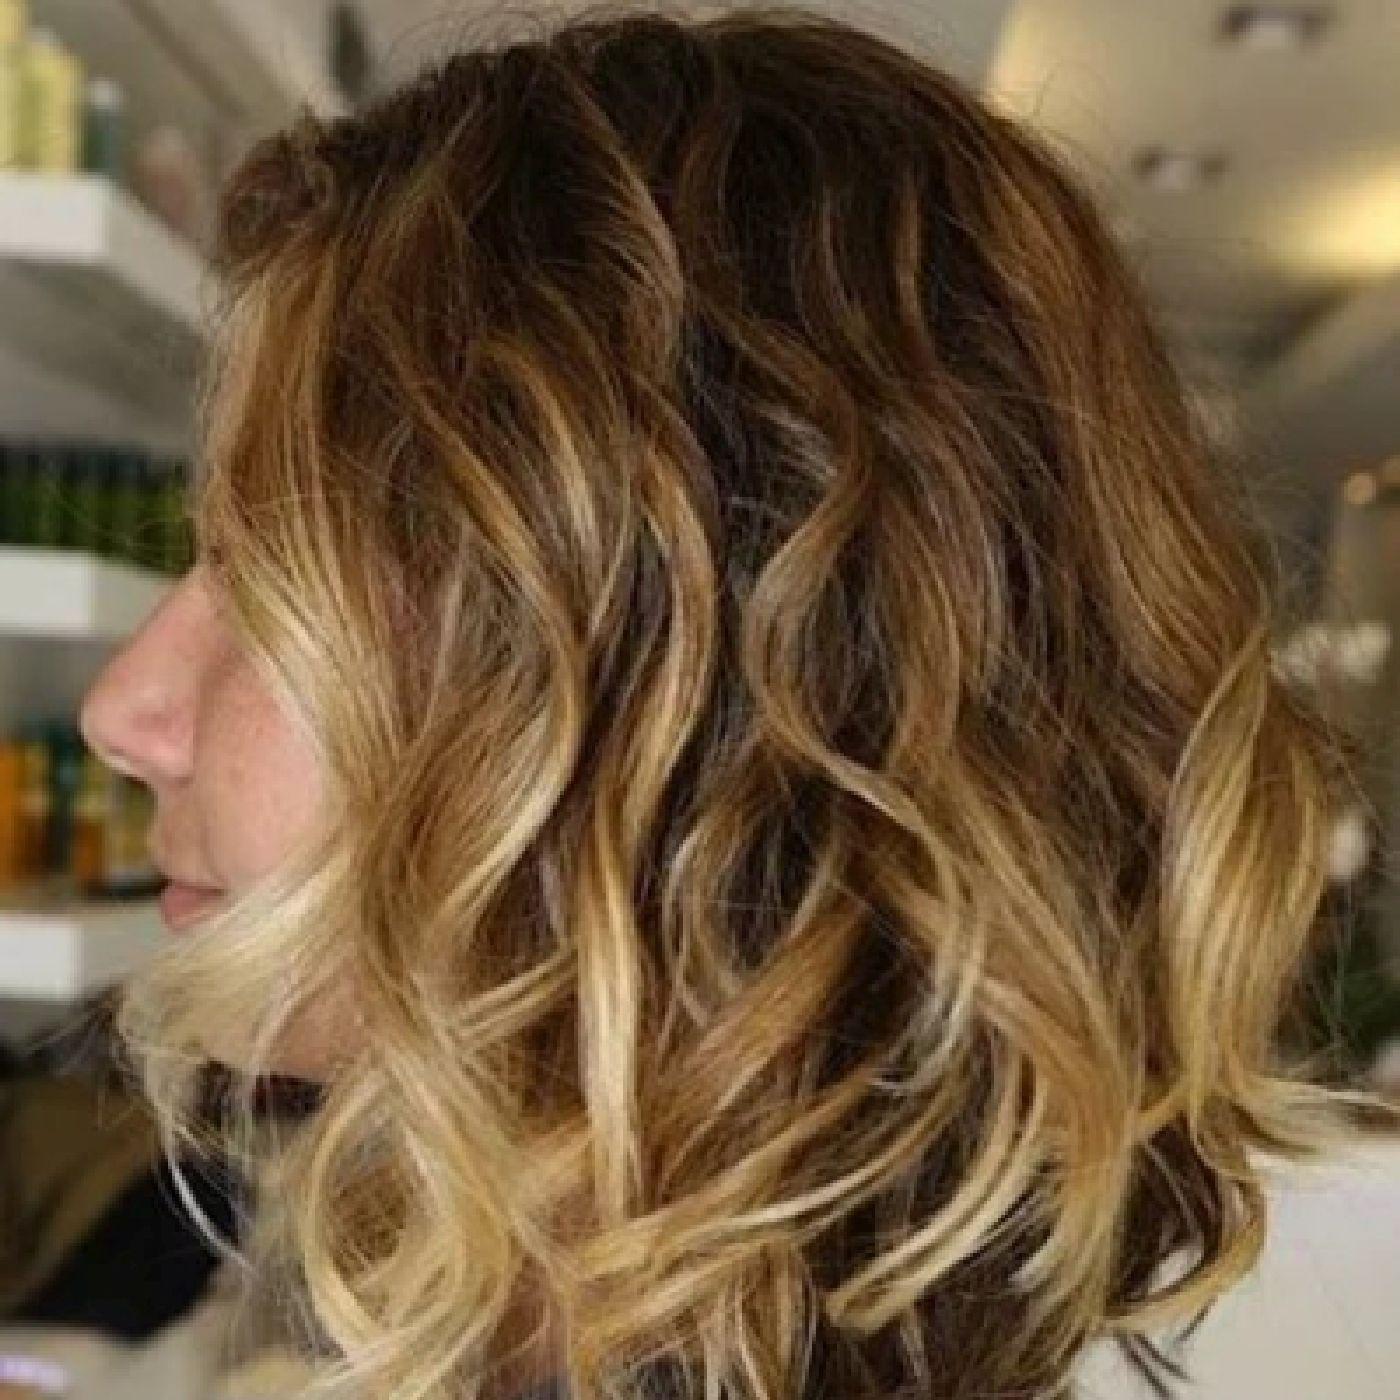 image54-2   Брондирование волос: описание, виды, техника выполнения для любой длины и цвета волос